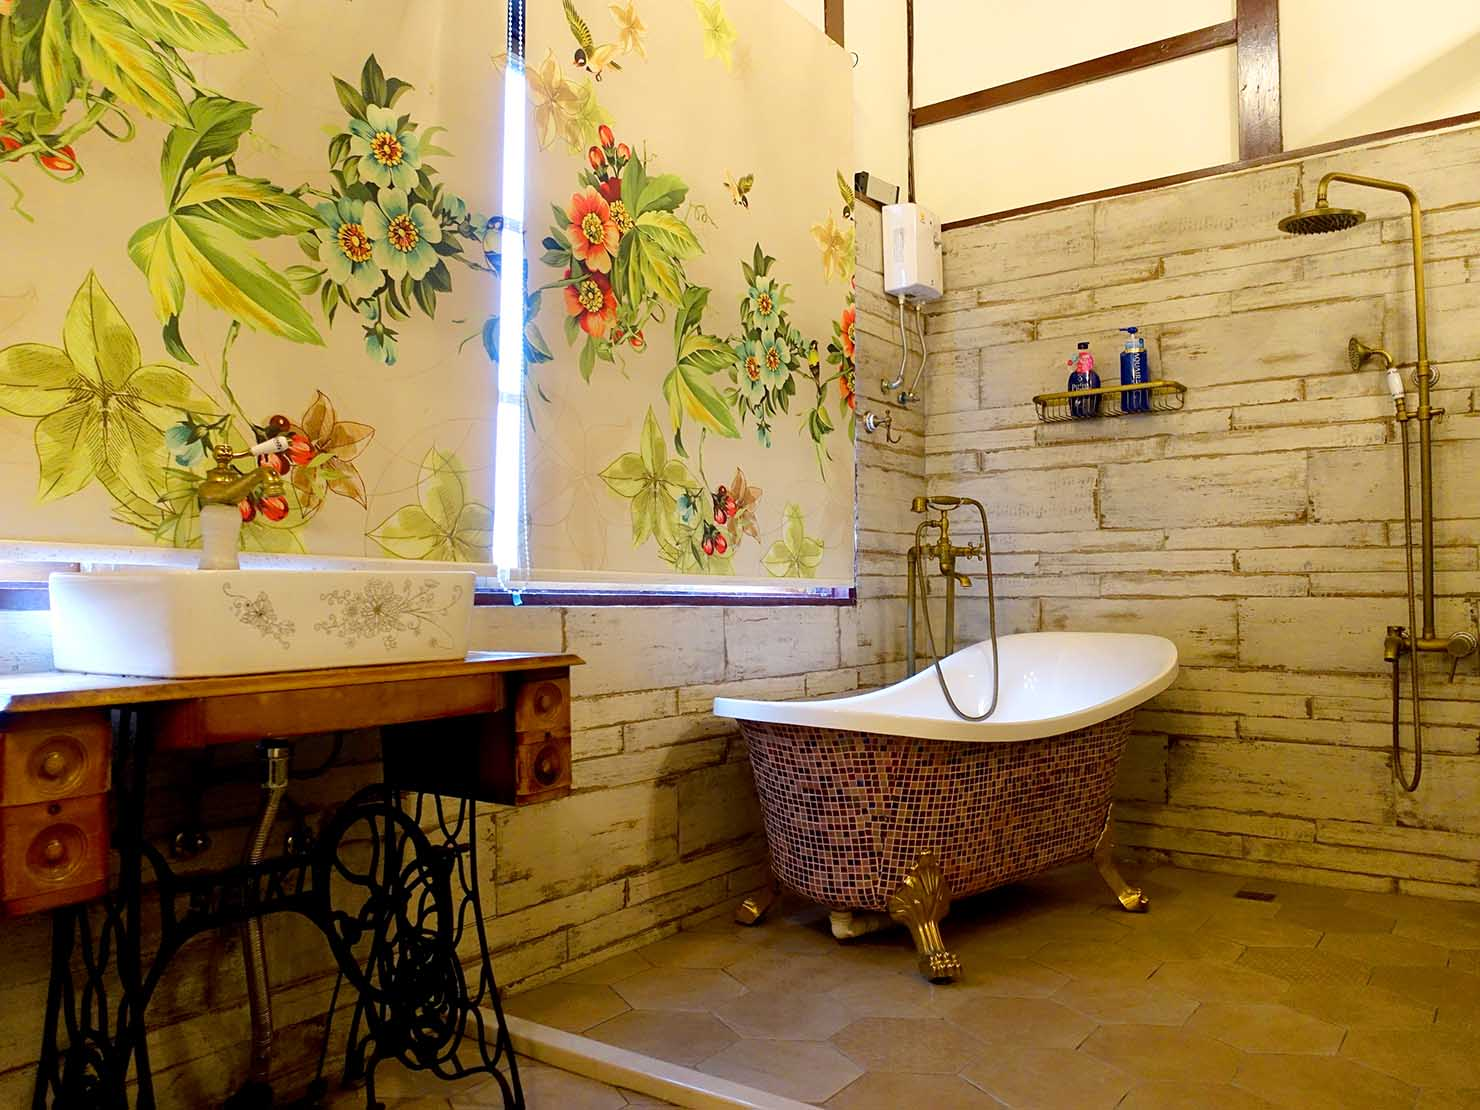 嘉義のおすすめ観光スポット「台灣花磚博物館」2Fのバスルーム